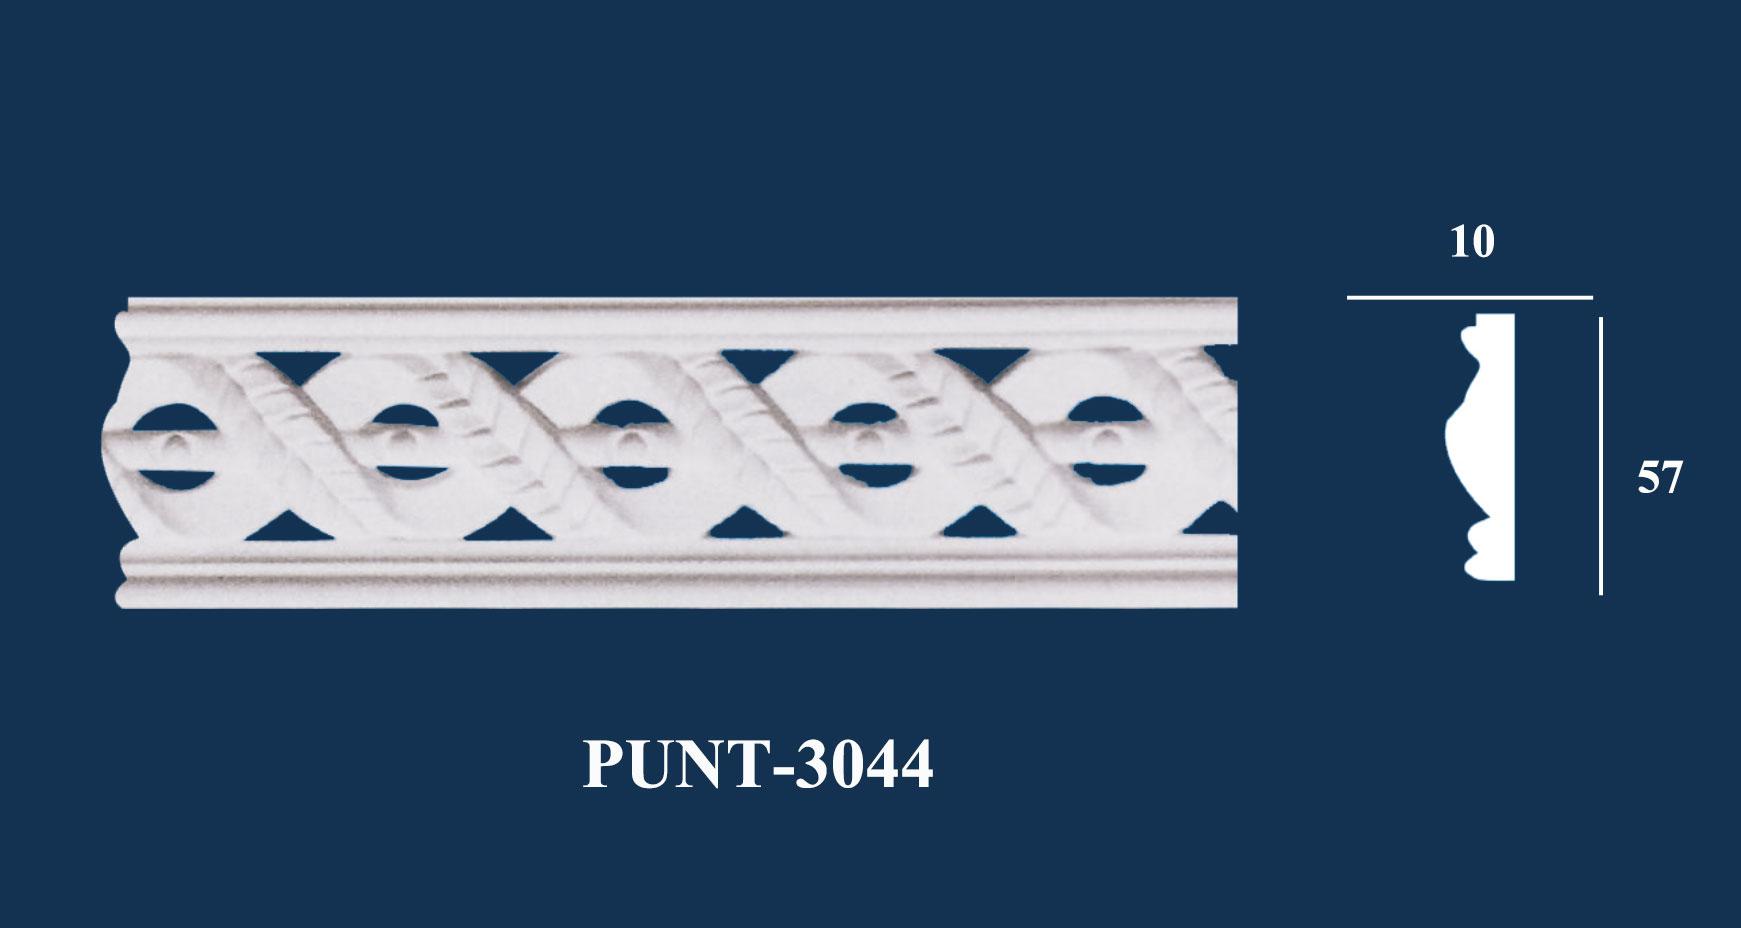 Chỉ Nẹp Hoa Văn Trang Trí - PUNT-3044